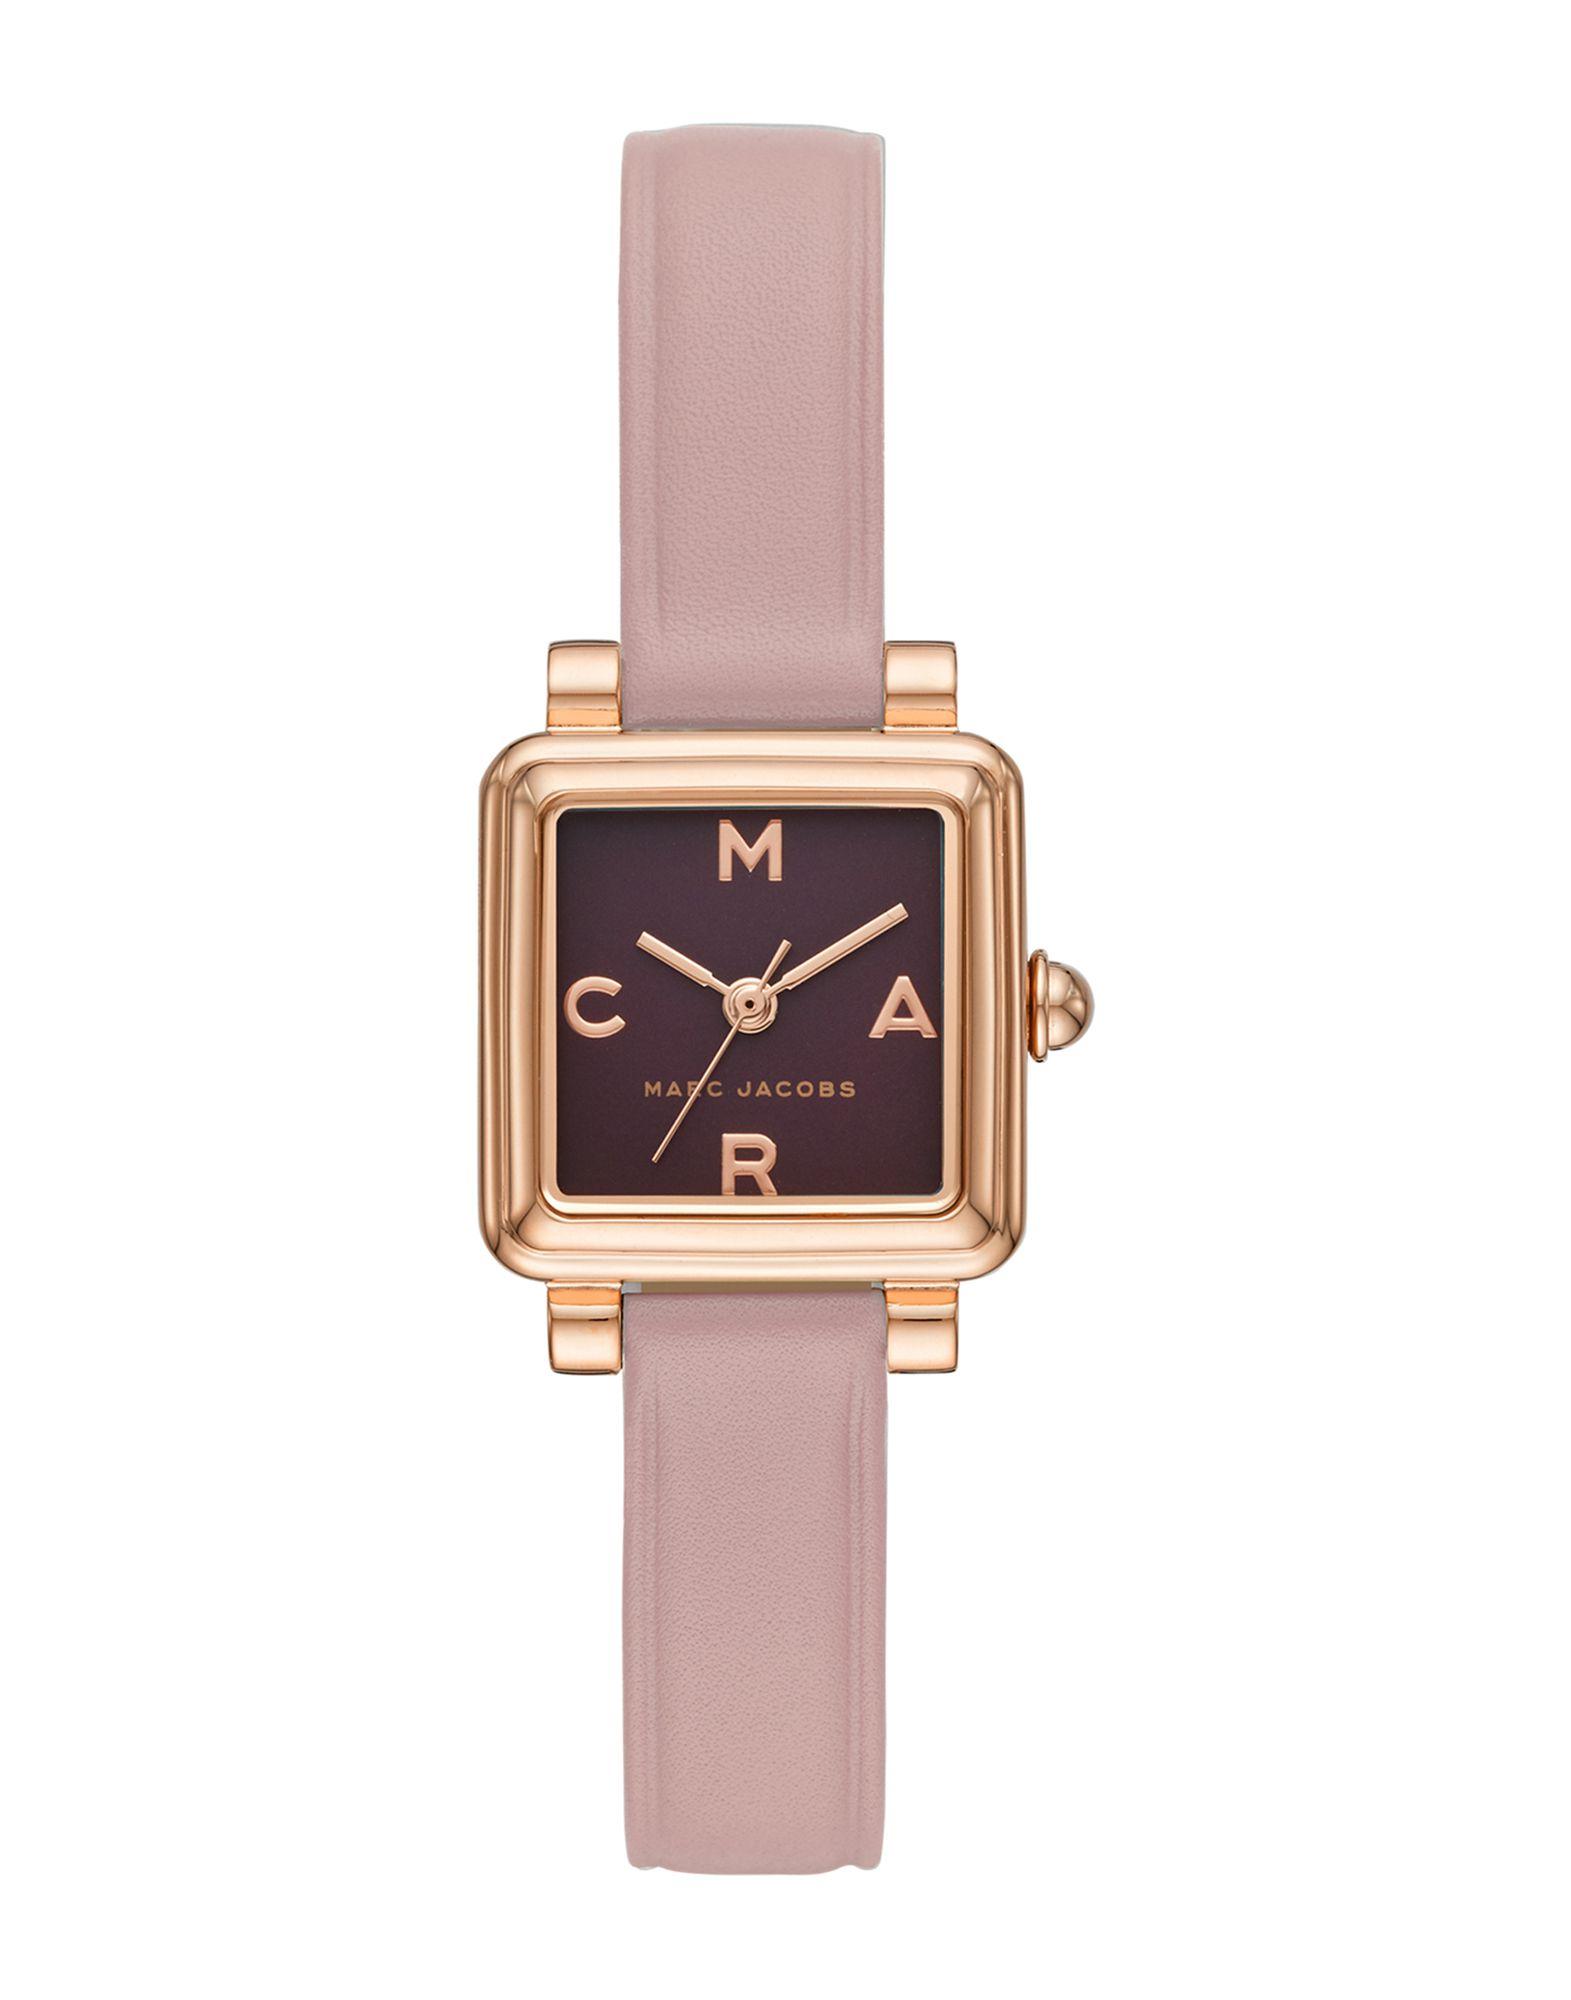 《送料無料》MARC JACOBS レディース 腕時計 ブラック ステンレススチール / 革 MJ1640 VIC